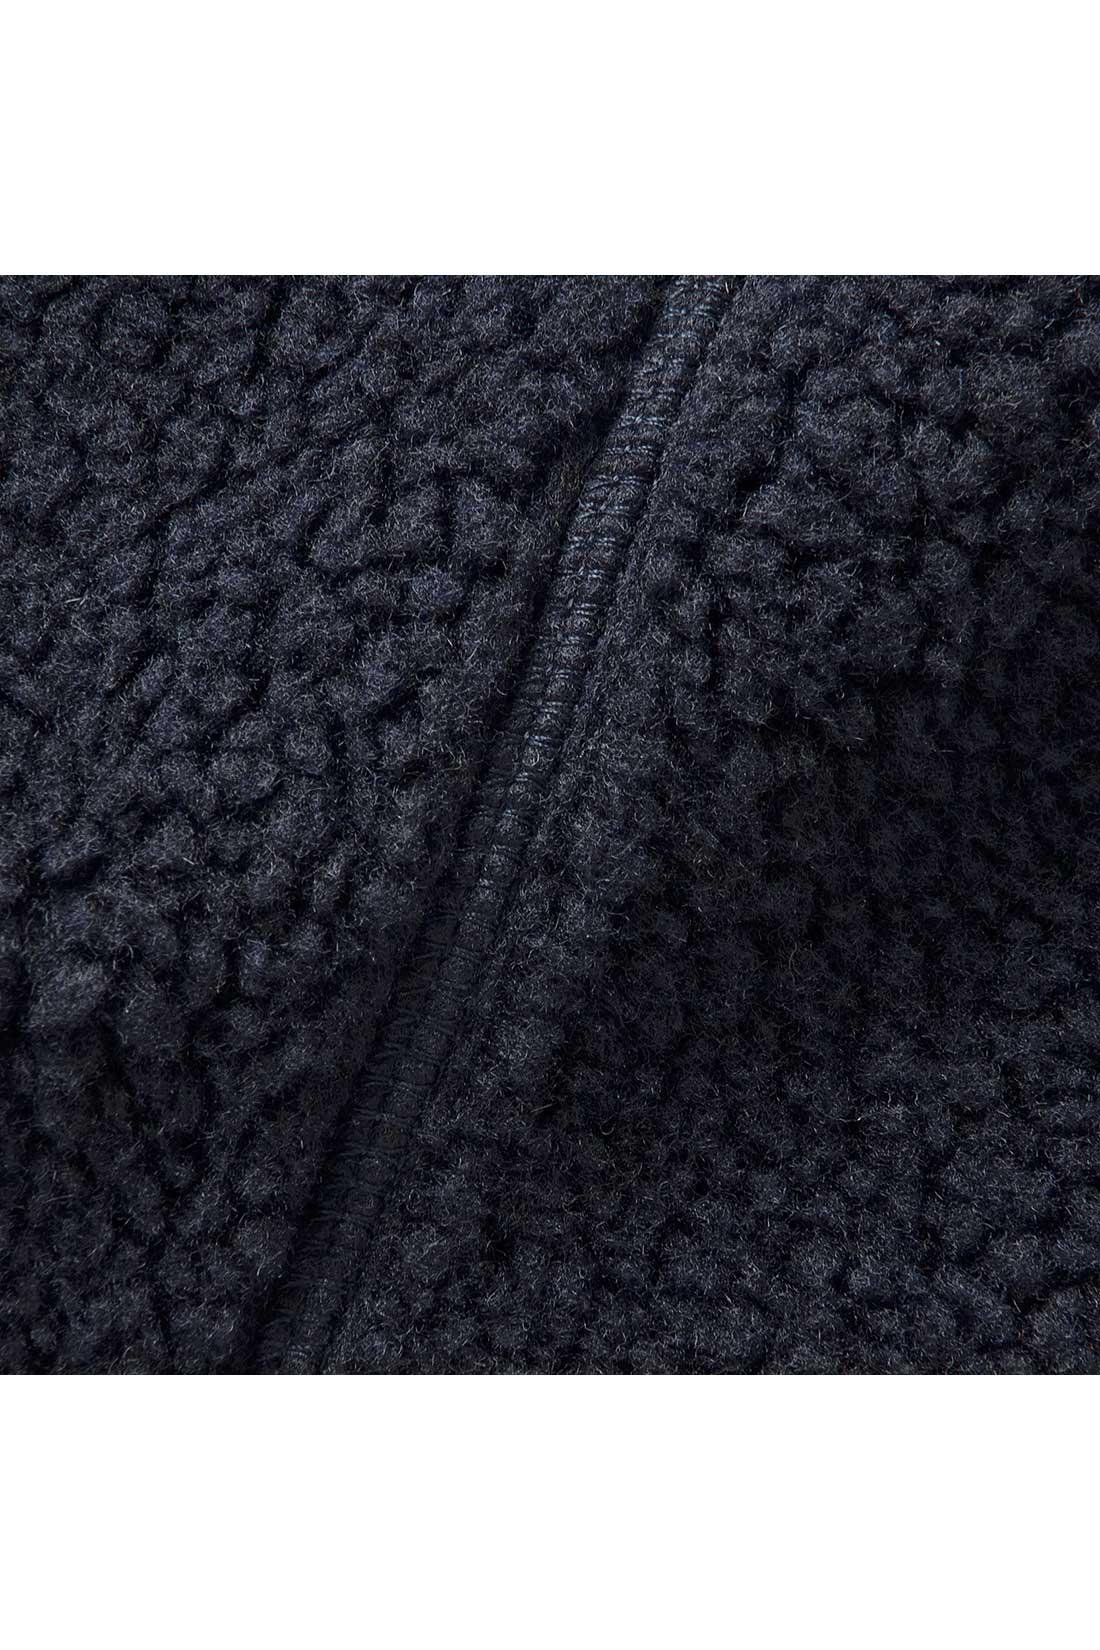 しっかり暖かくて、ふわふわ軽い羊みたいなボア素材。一枚でも暖かな着心地。